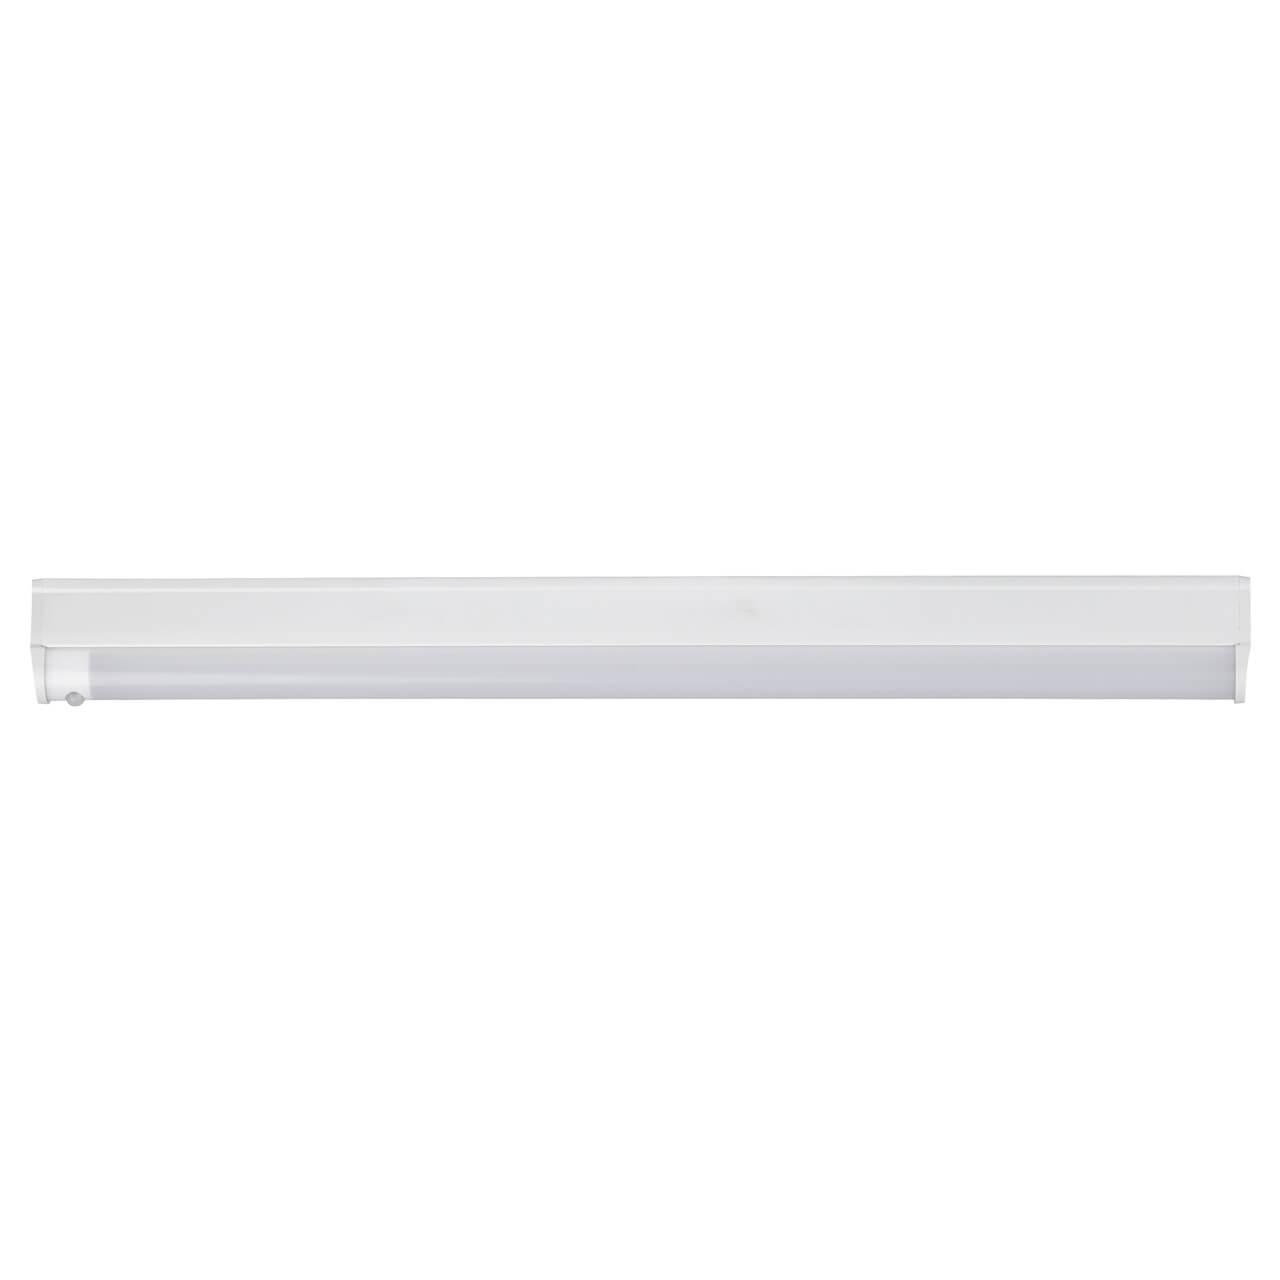 цена на Мебельный светодиодный светильник ЭРА Линейный LLED-02-04W-4000-MS-W